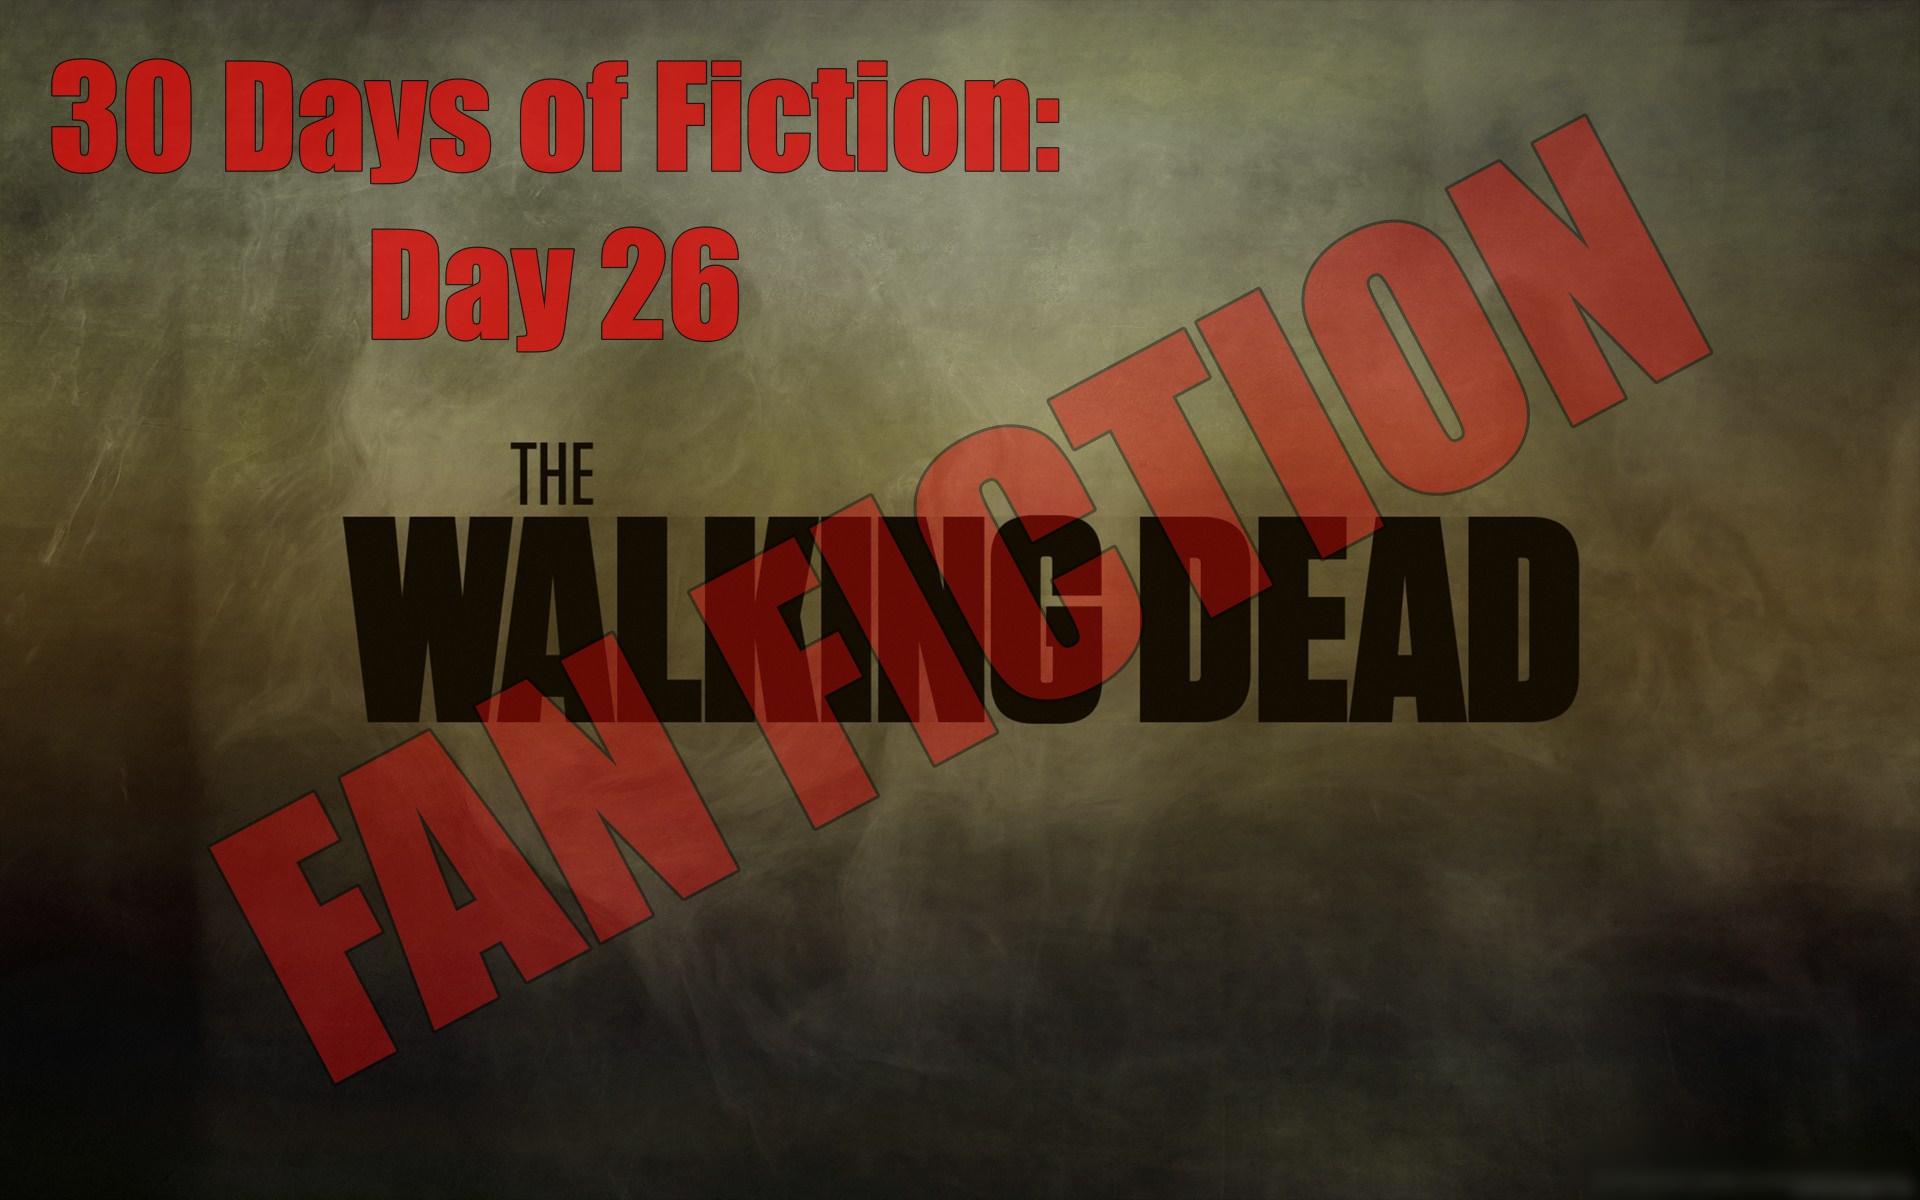 walking dead fan fiction day 26 no website.jpg